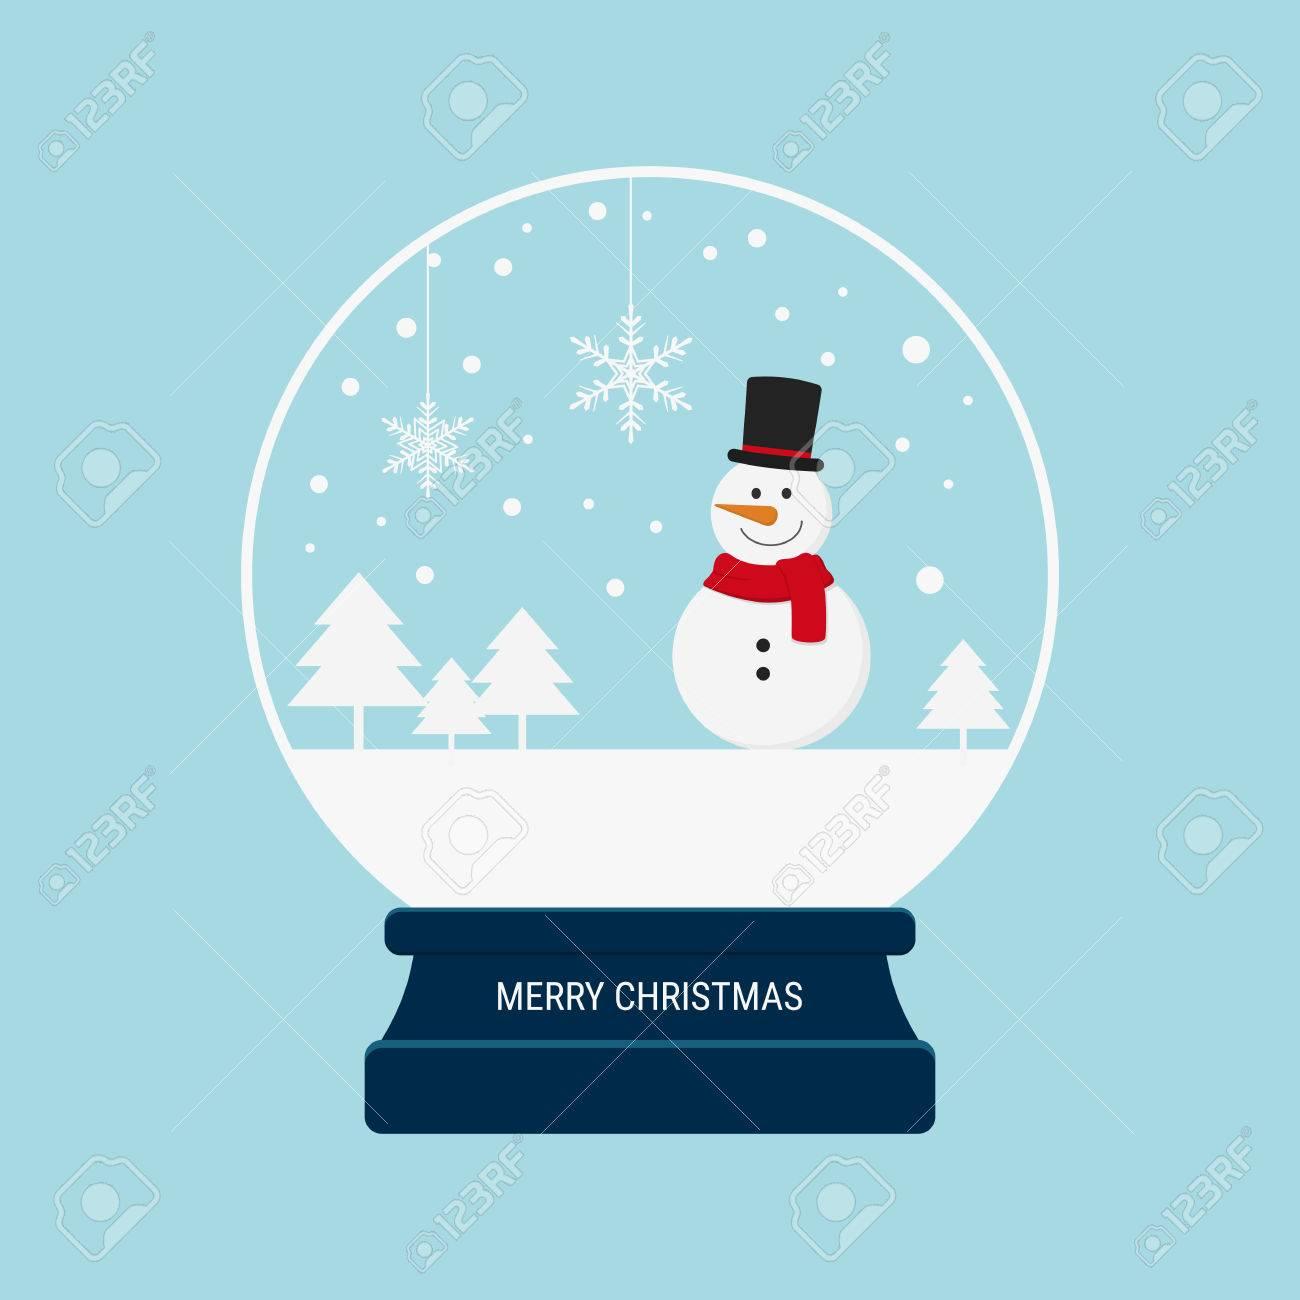 Merry christmas snow globe with snowman. Cartoon Vector Illustration. - 48359826